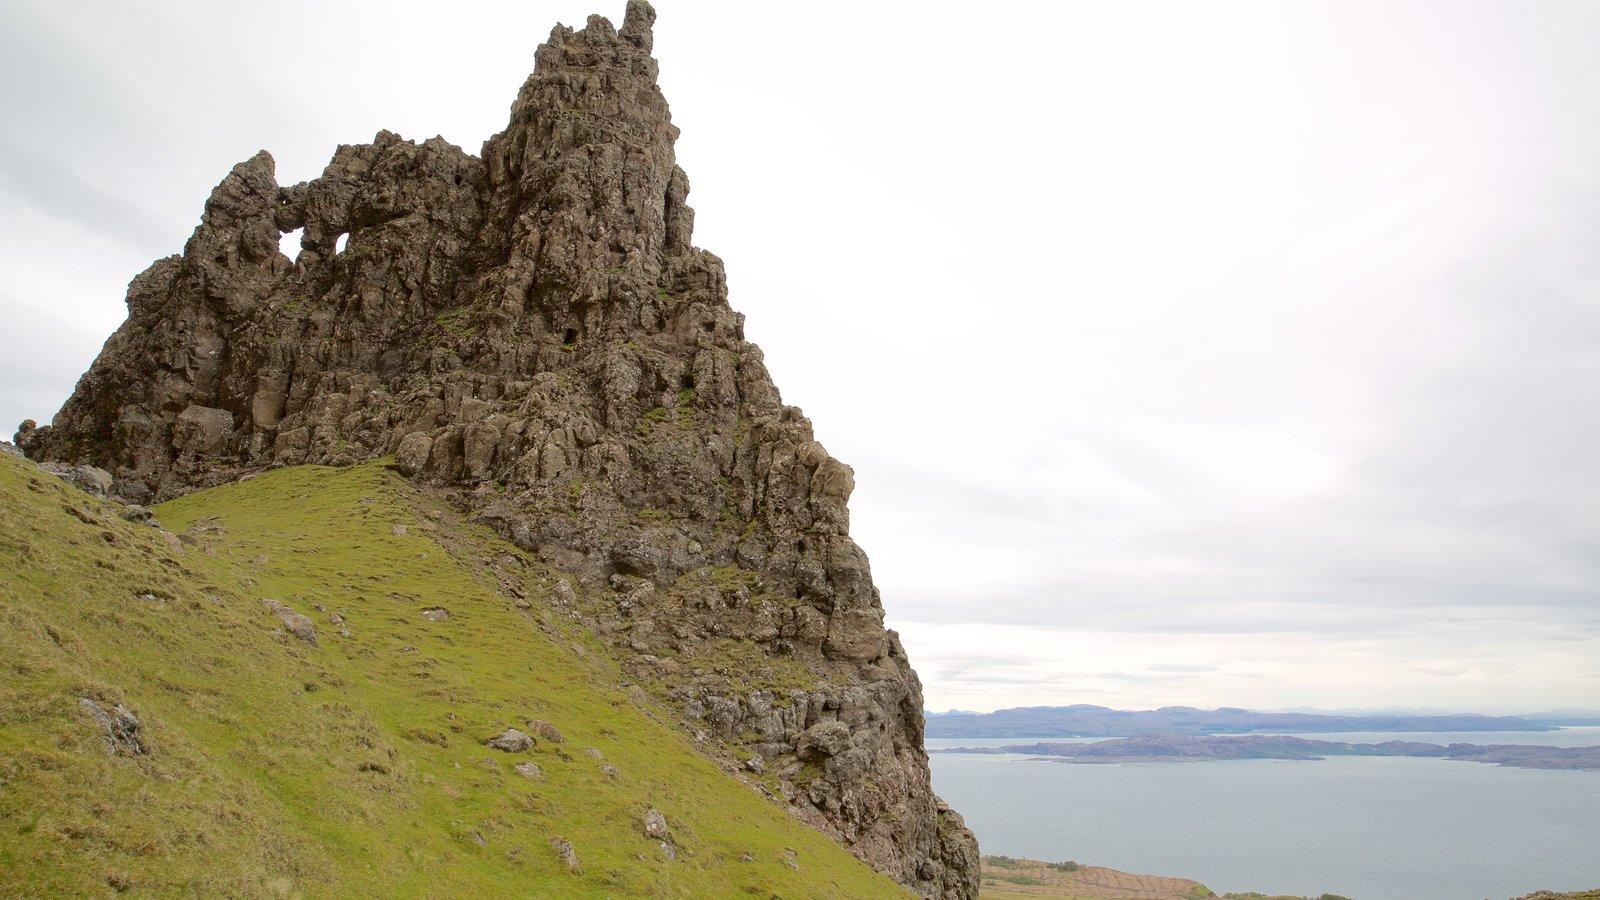 Old Man of Storr que incluye un monumento, escenas tranquilas y un lago o abrevadero